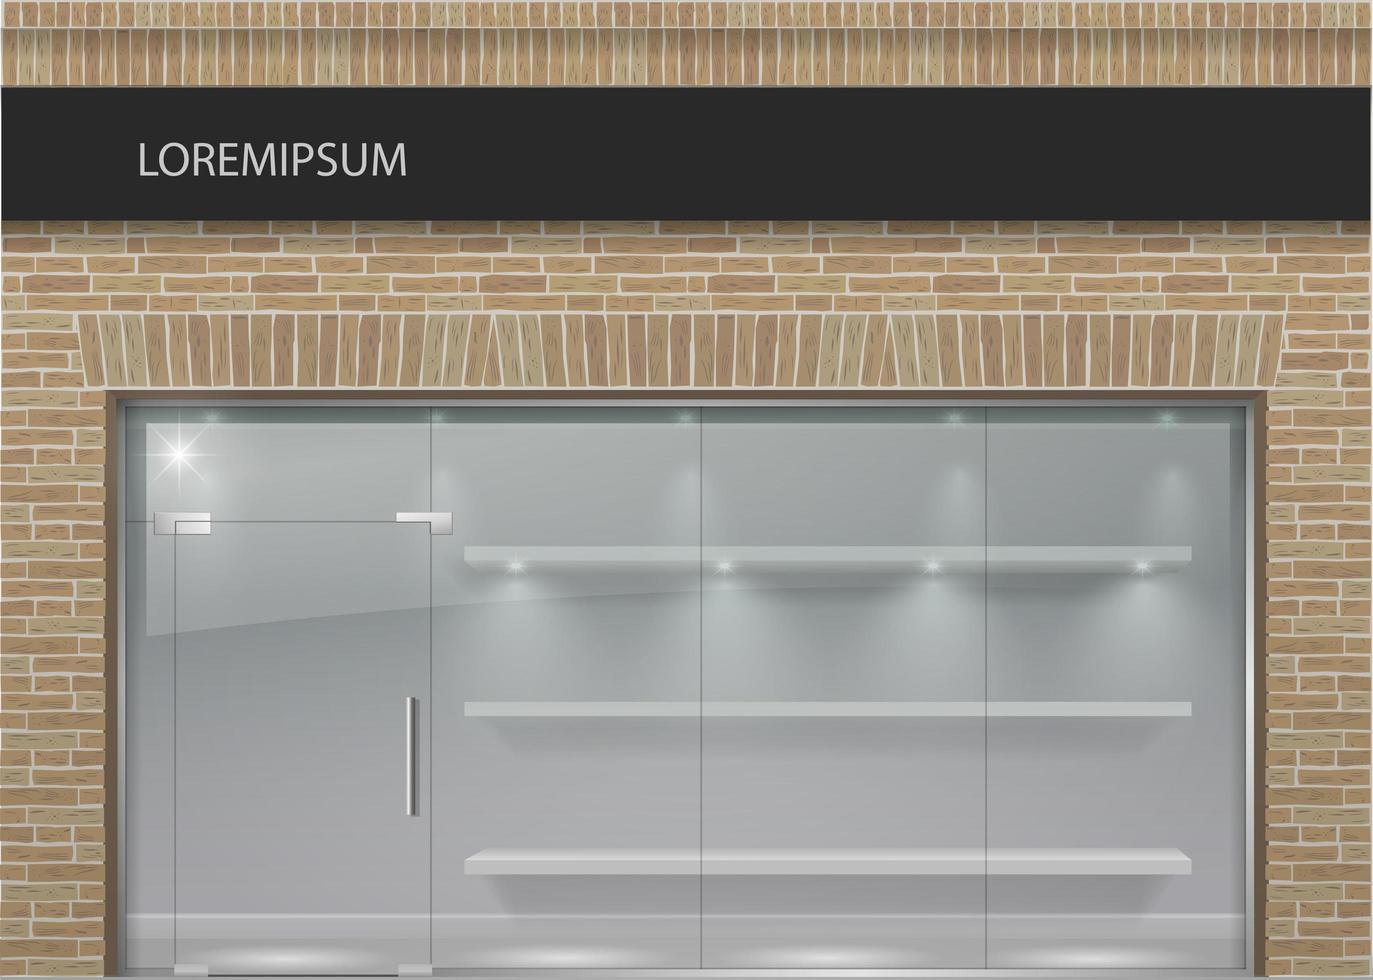 loft stil tegel fasader med panoramautsikt glas vektor